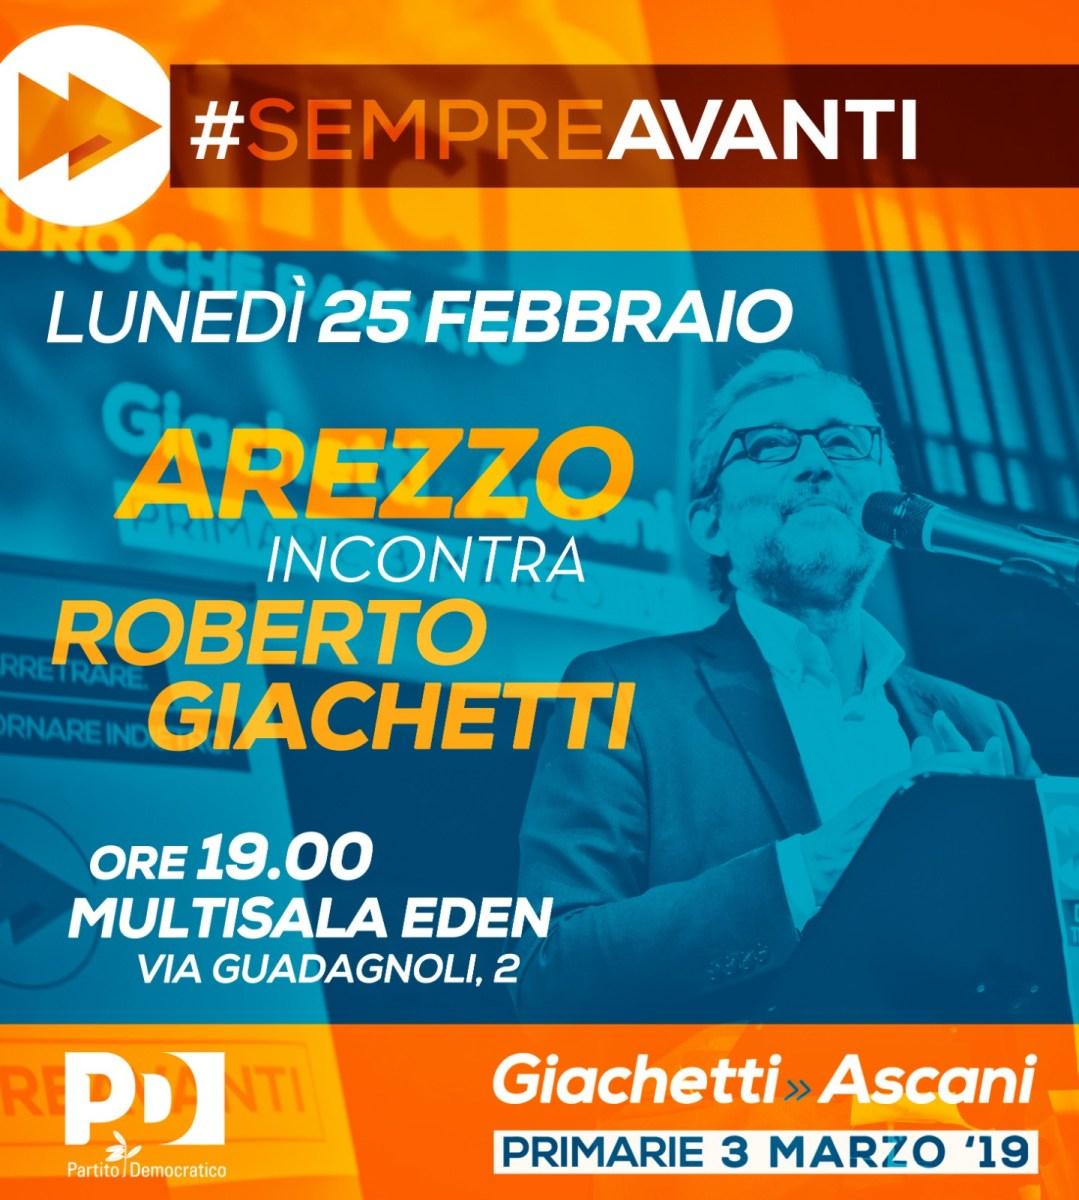 Primarie Pd: Roberto Giachetti all'Arena Eden